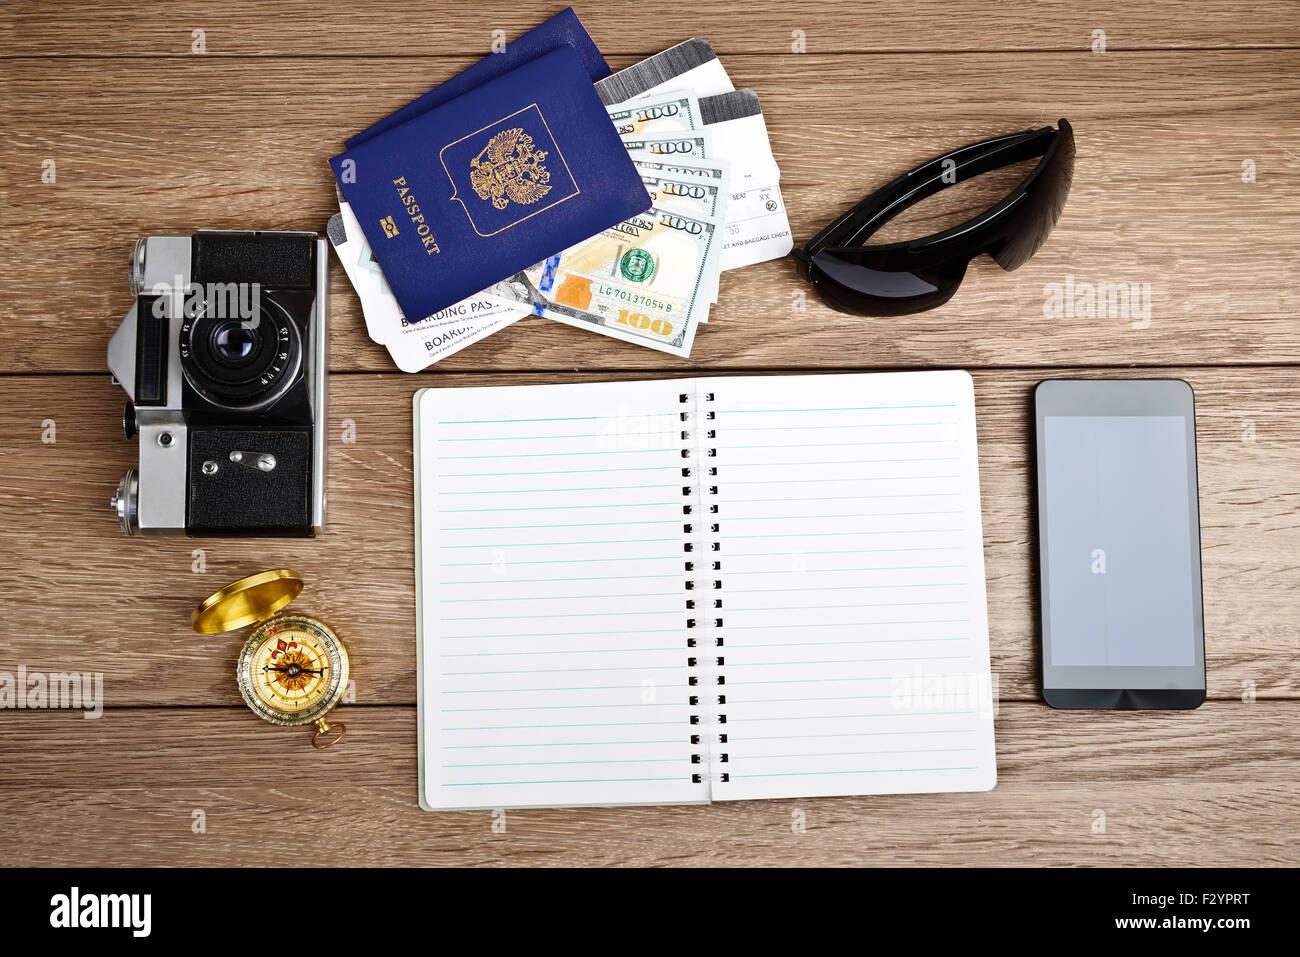 Business-Reisen und Tourismus-Konzept: Flugtickets oder Boarding pass, Pässe, Smartphone, Kompass, Vintage Stockbild